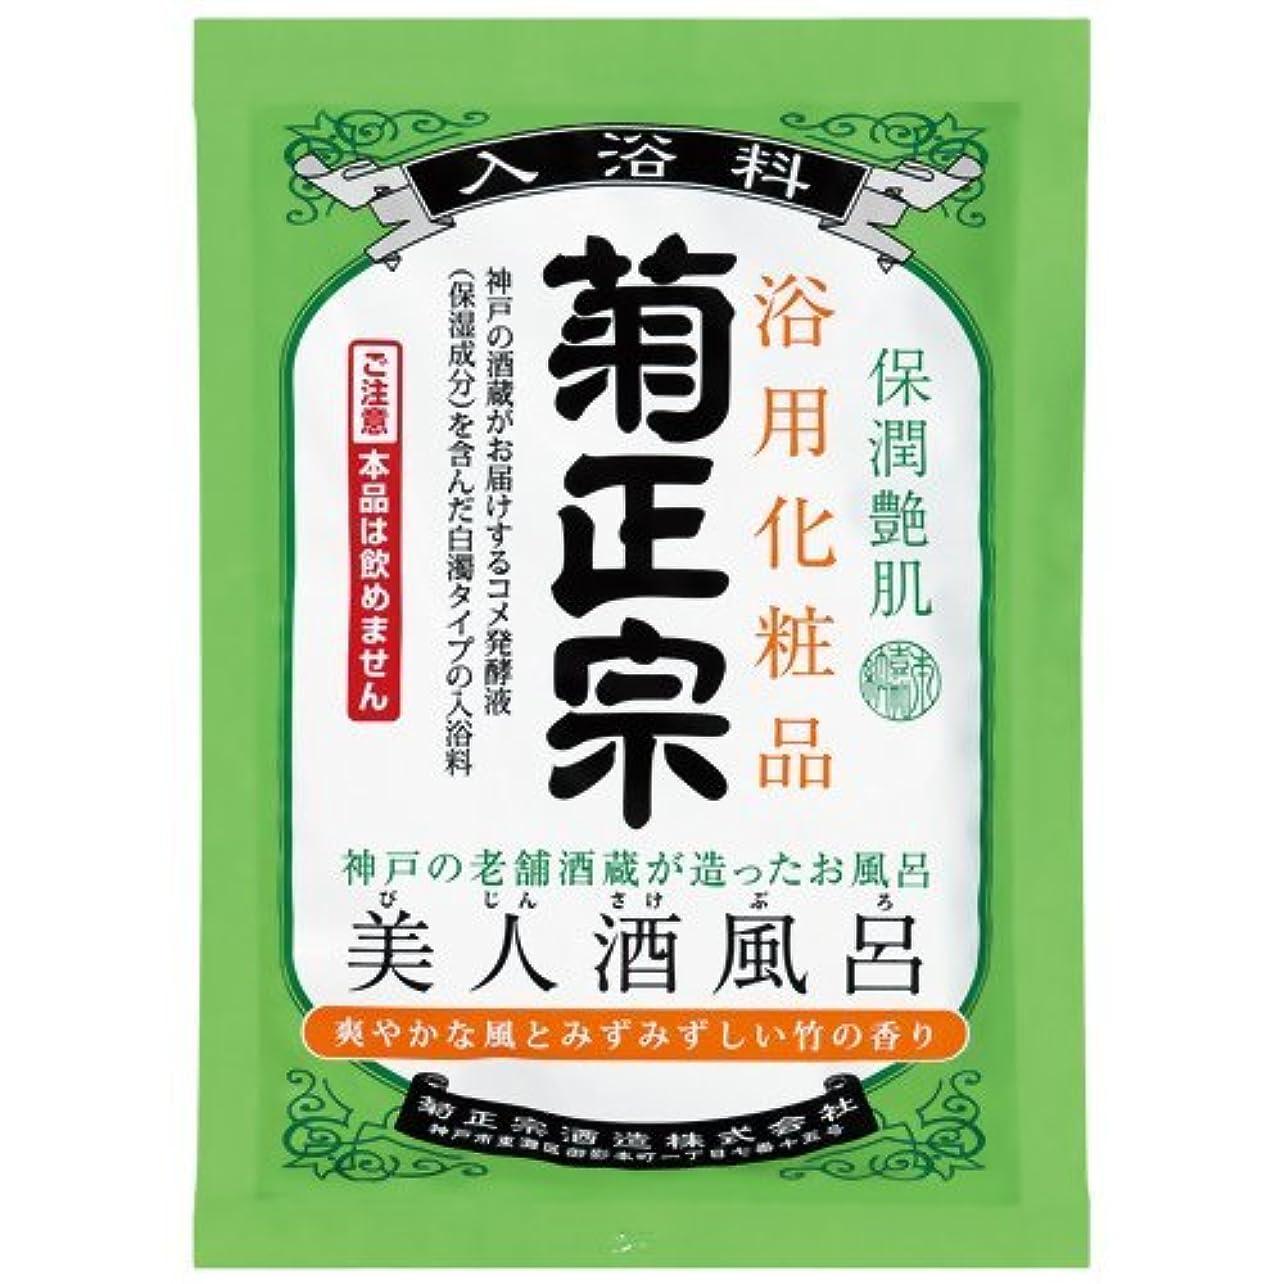 触手ヒロイック満足できる菊正宗 美人酒風呂 爽やかな風とみずみずしい竹の香り